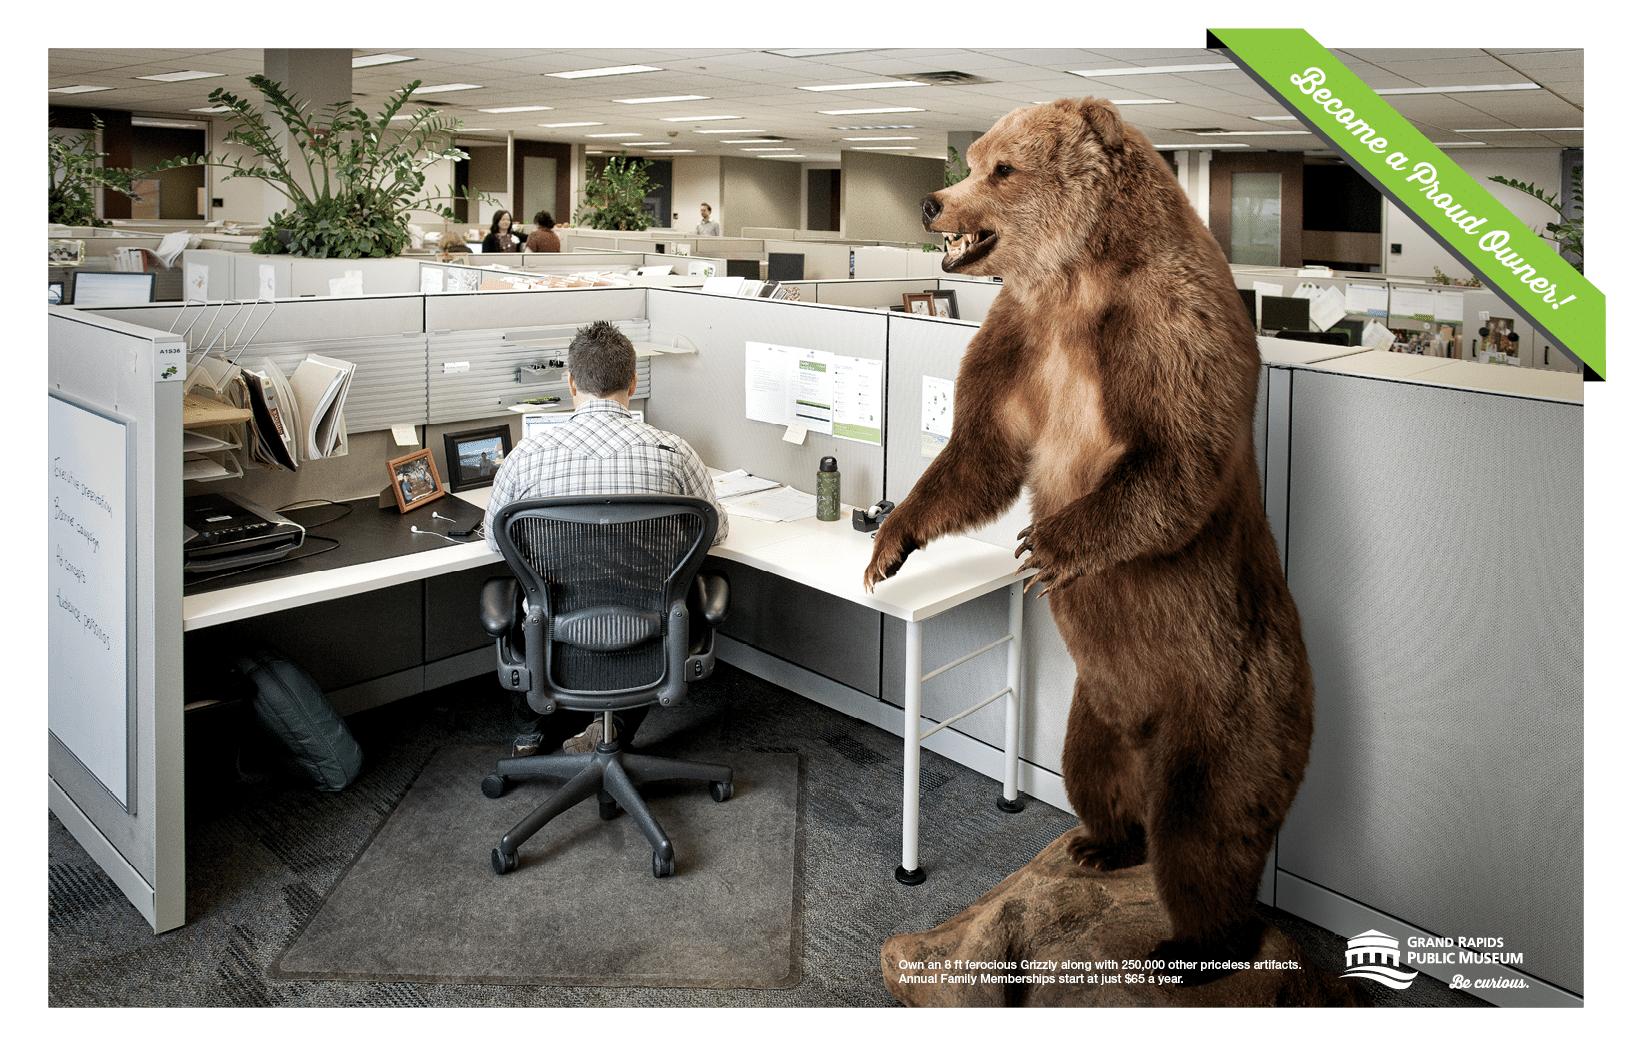 grpm_in-situ_posters2_bear